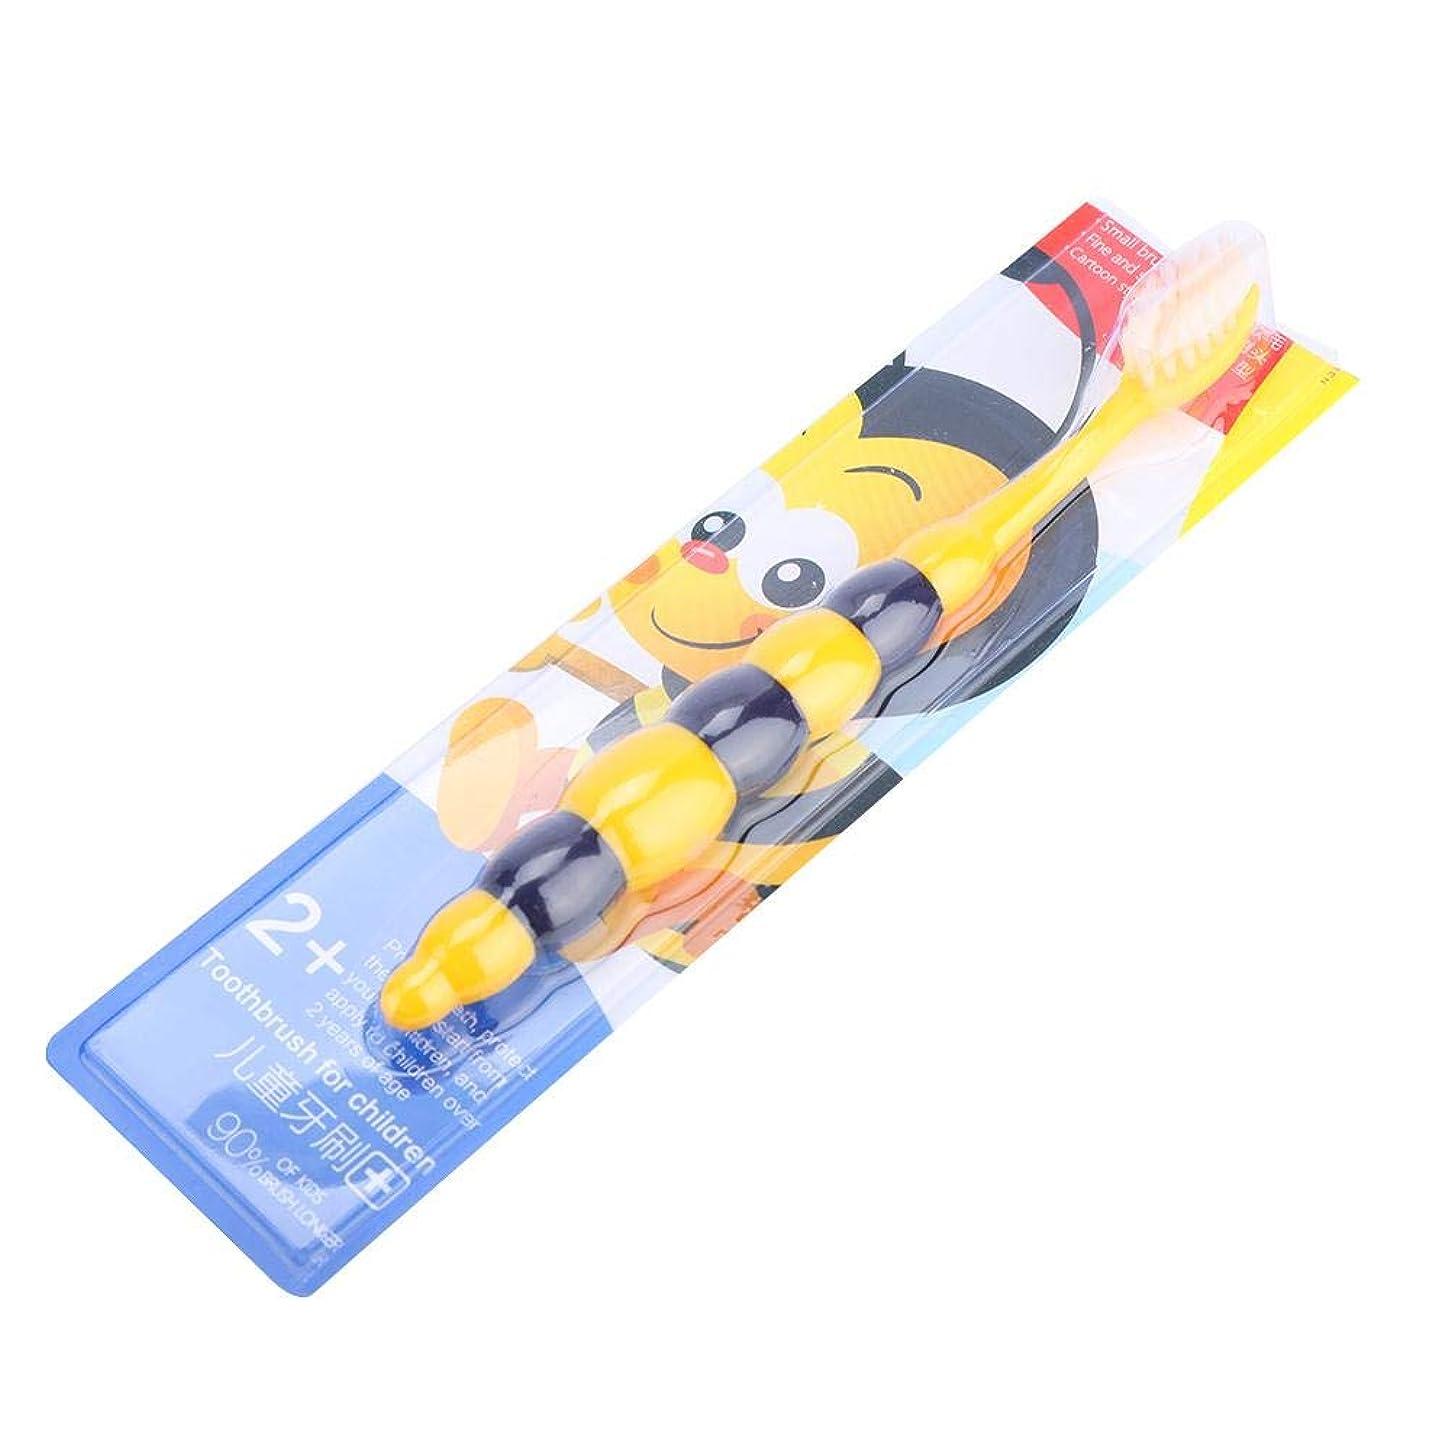 コカインそよ風配分子供の柔らかい髪の歯ブラシの子供かわいいクリーニングの歯ブラシオーラルケアツール(黄色い蜂)